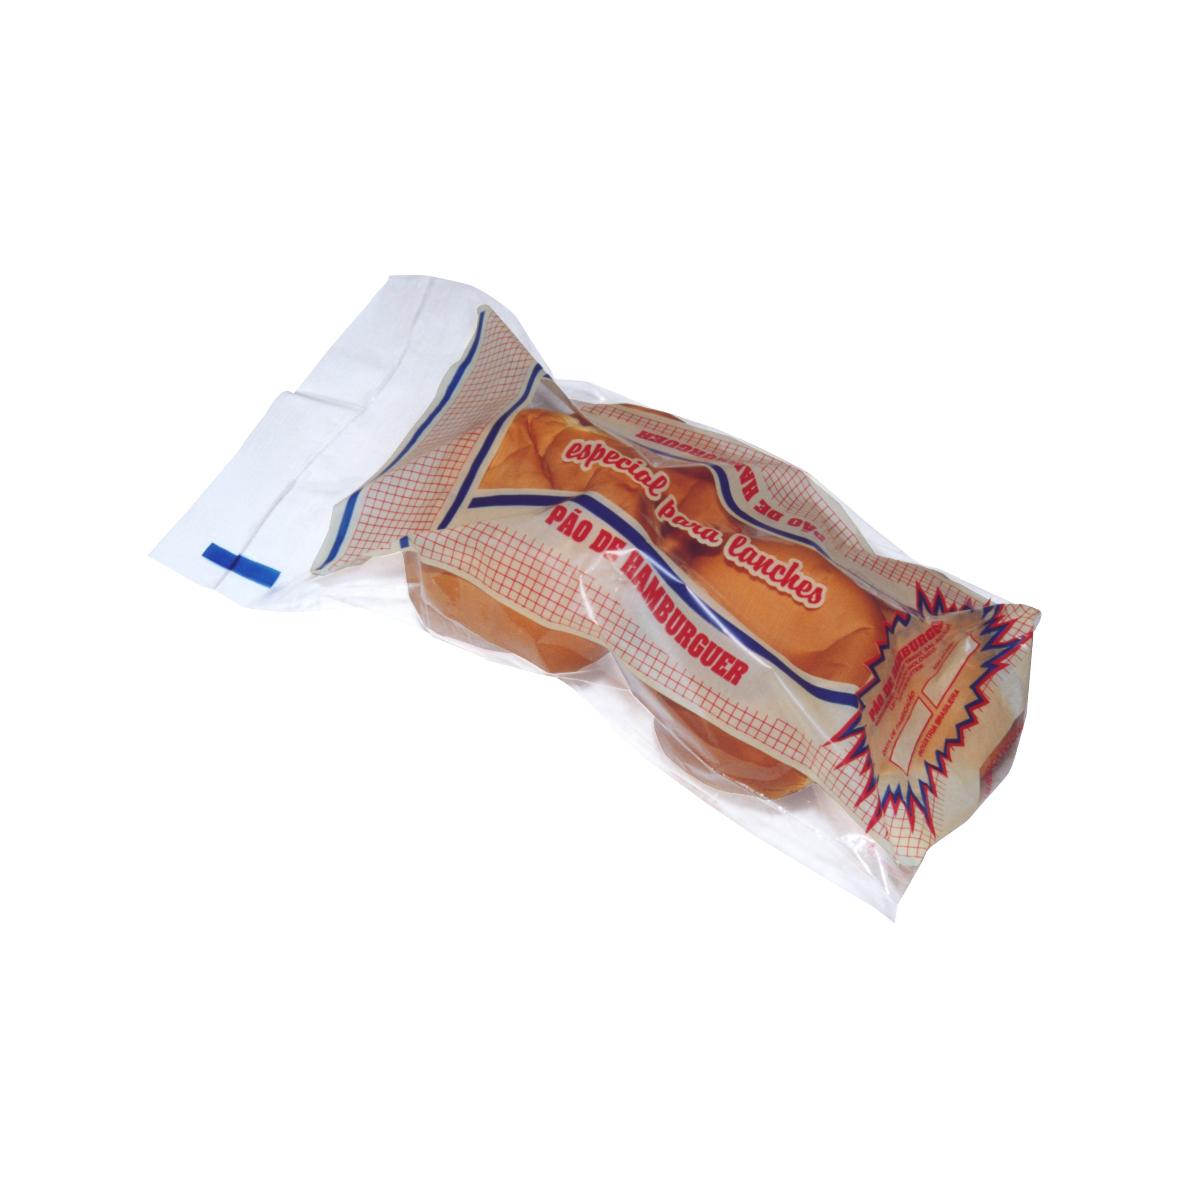 Sacos para Pão de Hamburguer com 100 unidades